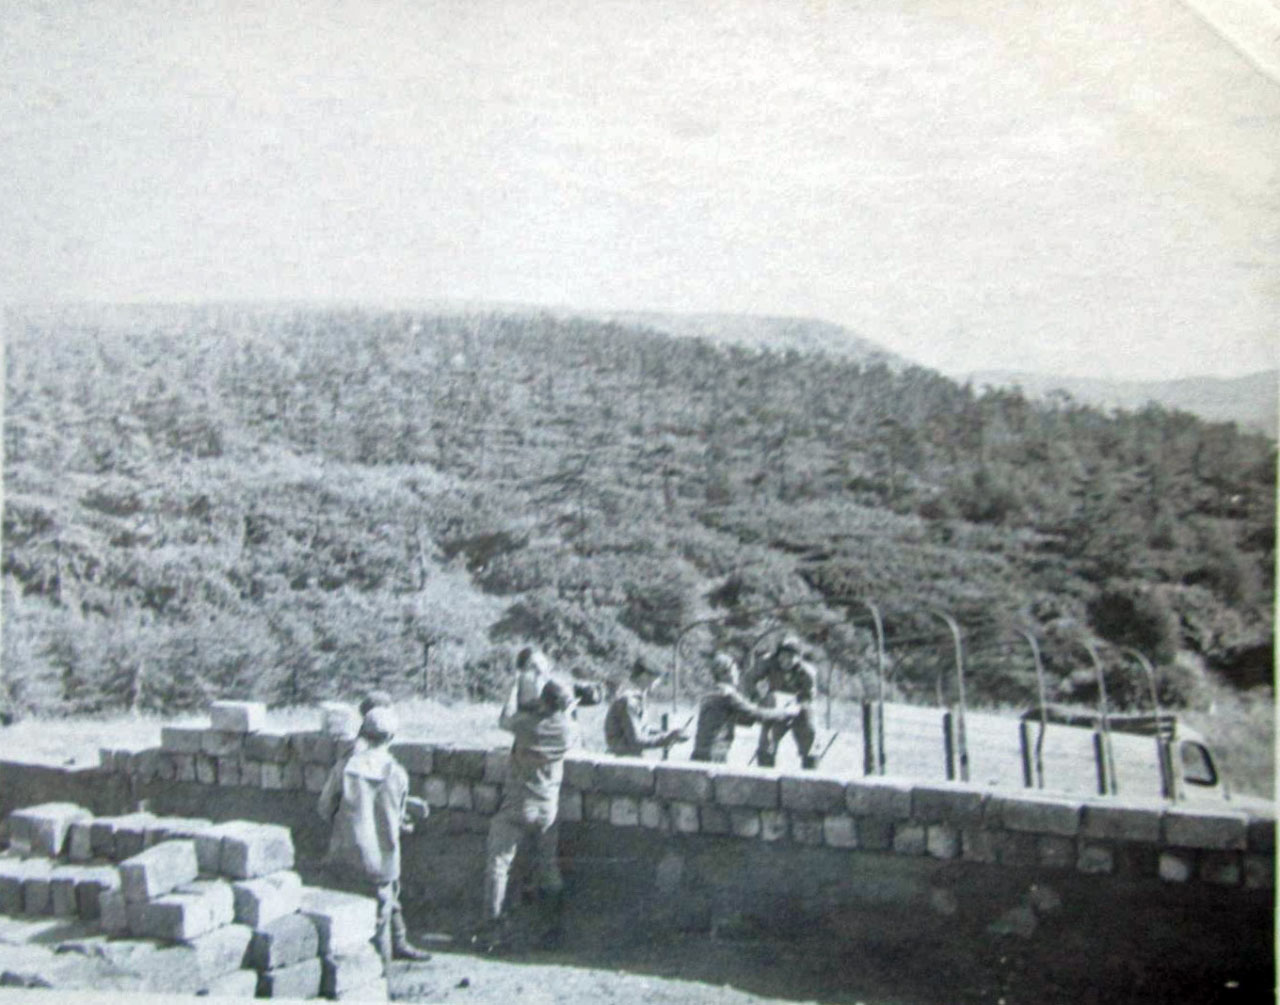 Разгрузка шлакоблоков на месте строительства новой казамы (команды). Август 1975 года.